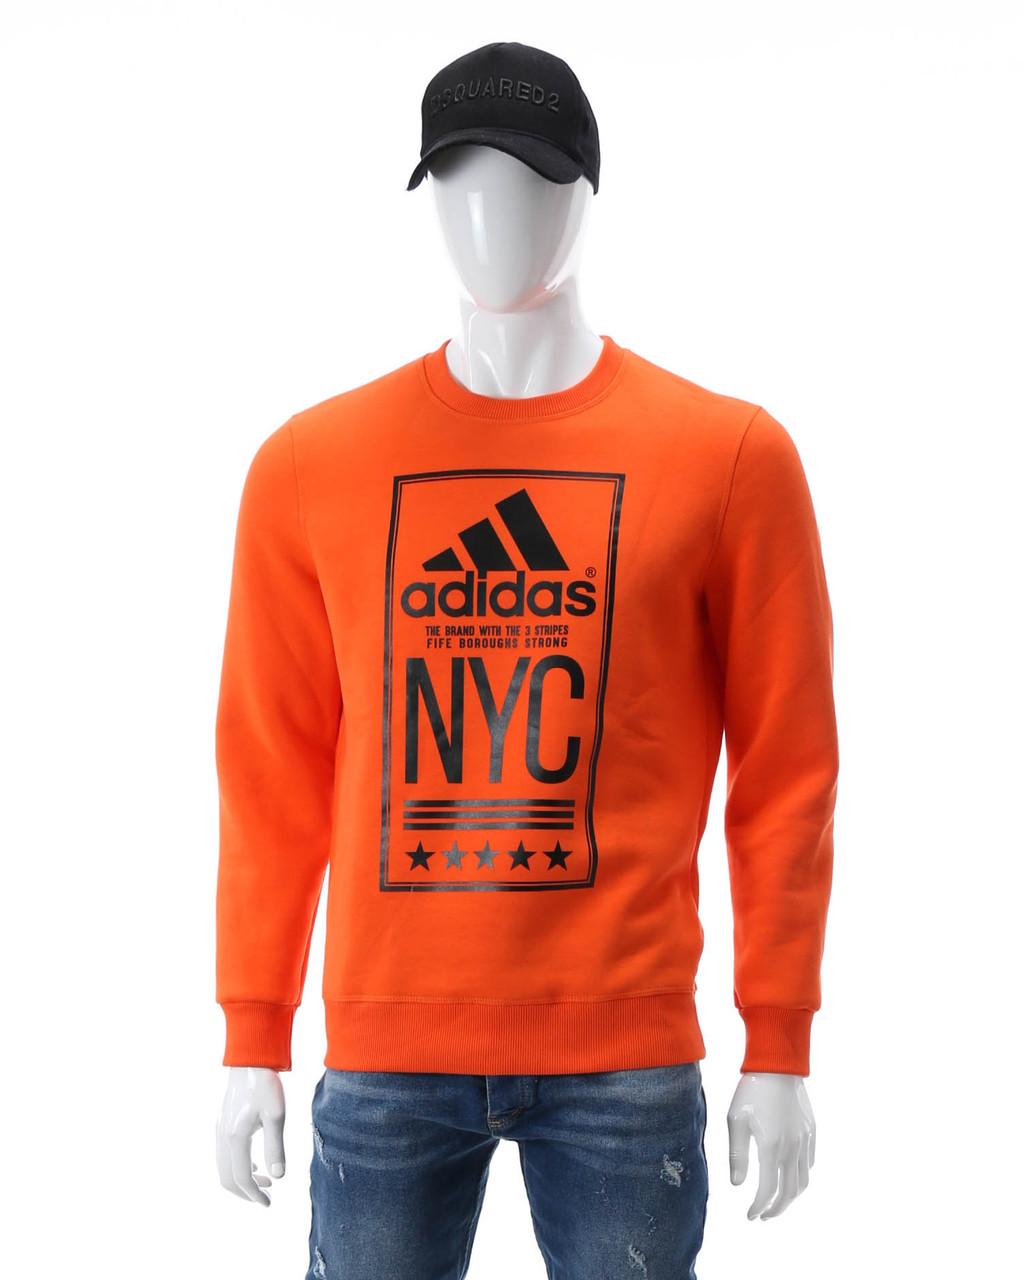 """Свитшот осень-зима оранжевый ADIDAS с принтом """"NYC""""  ORN XL(Р) 19-422-003"""